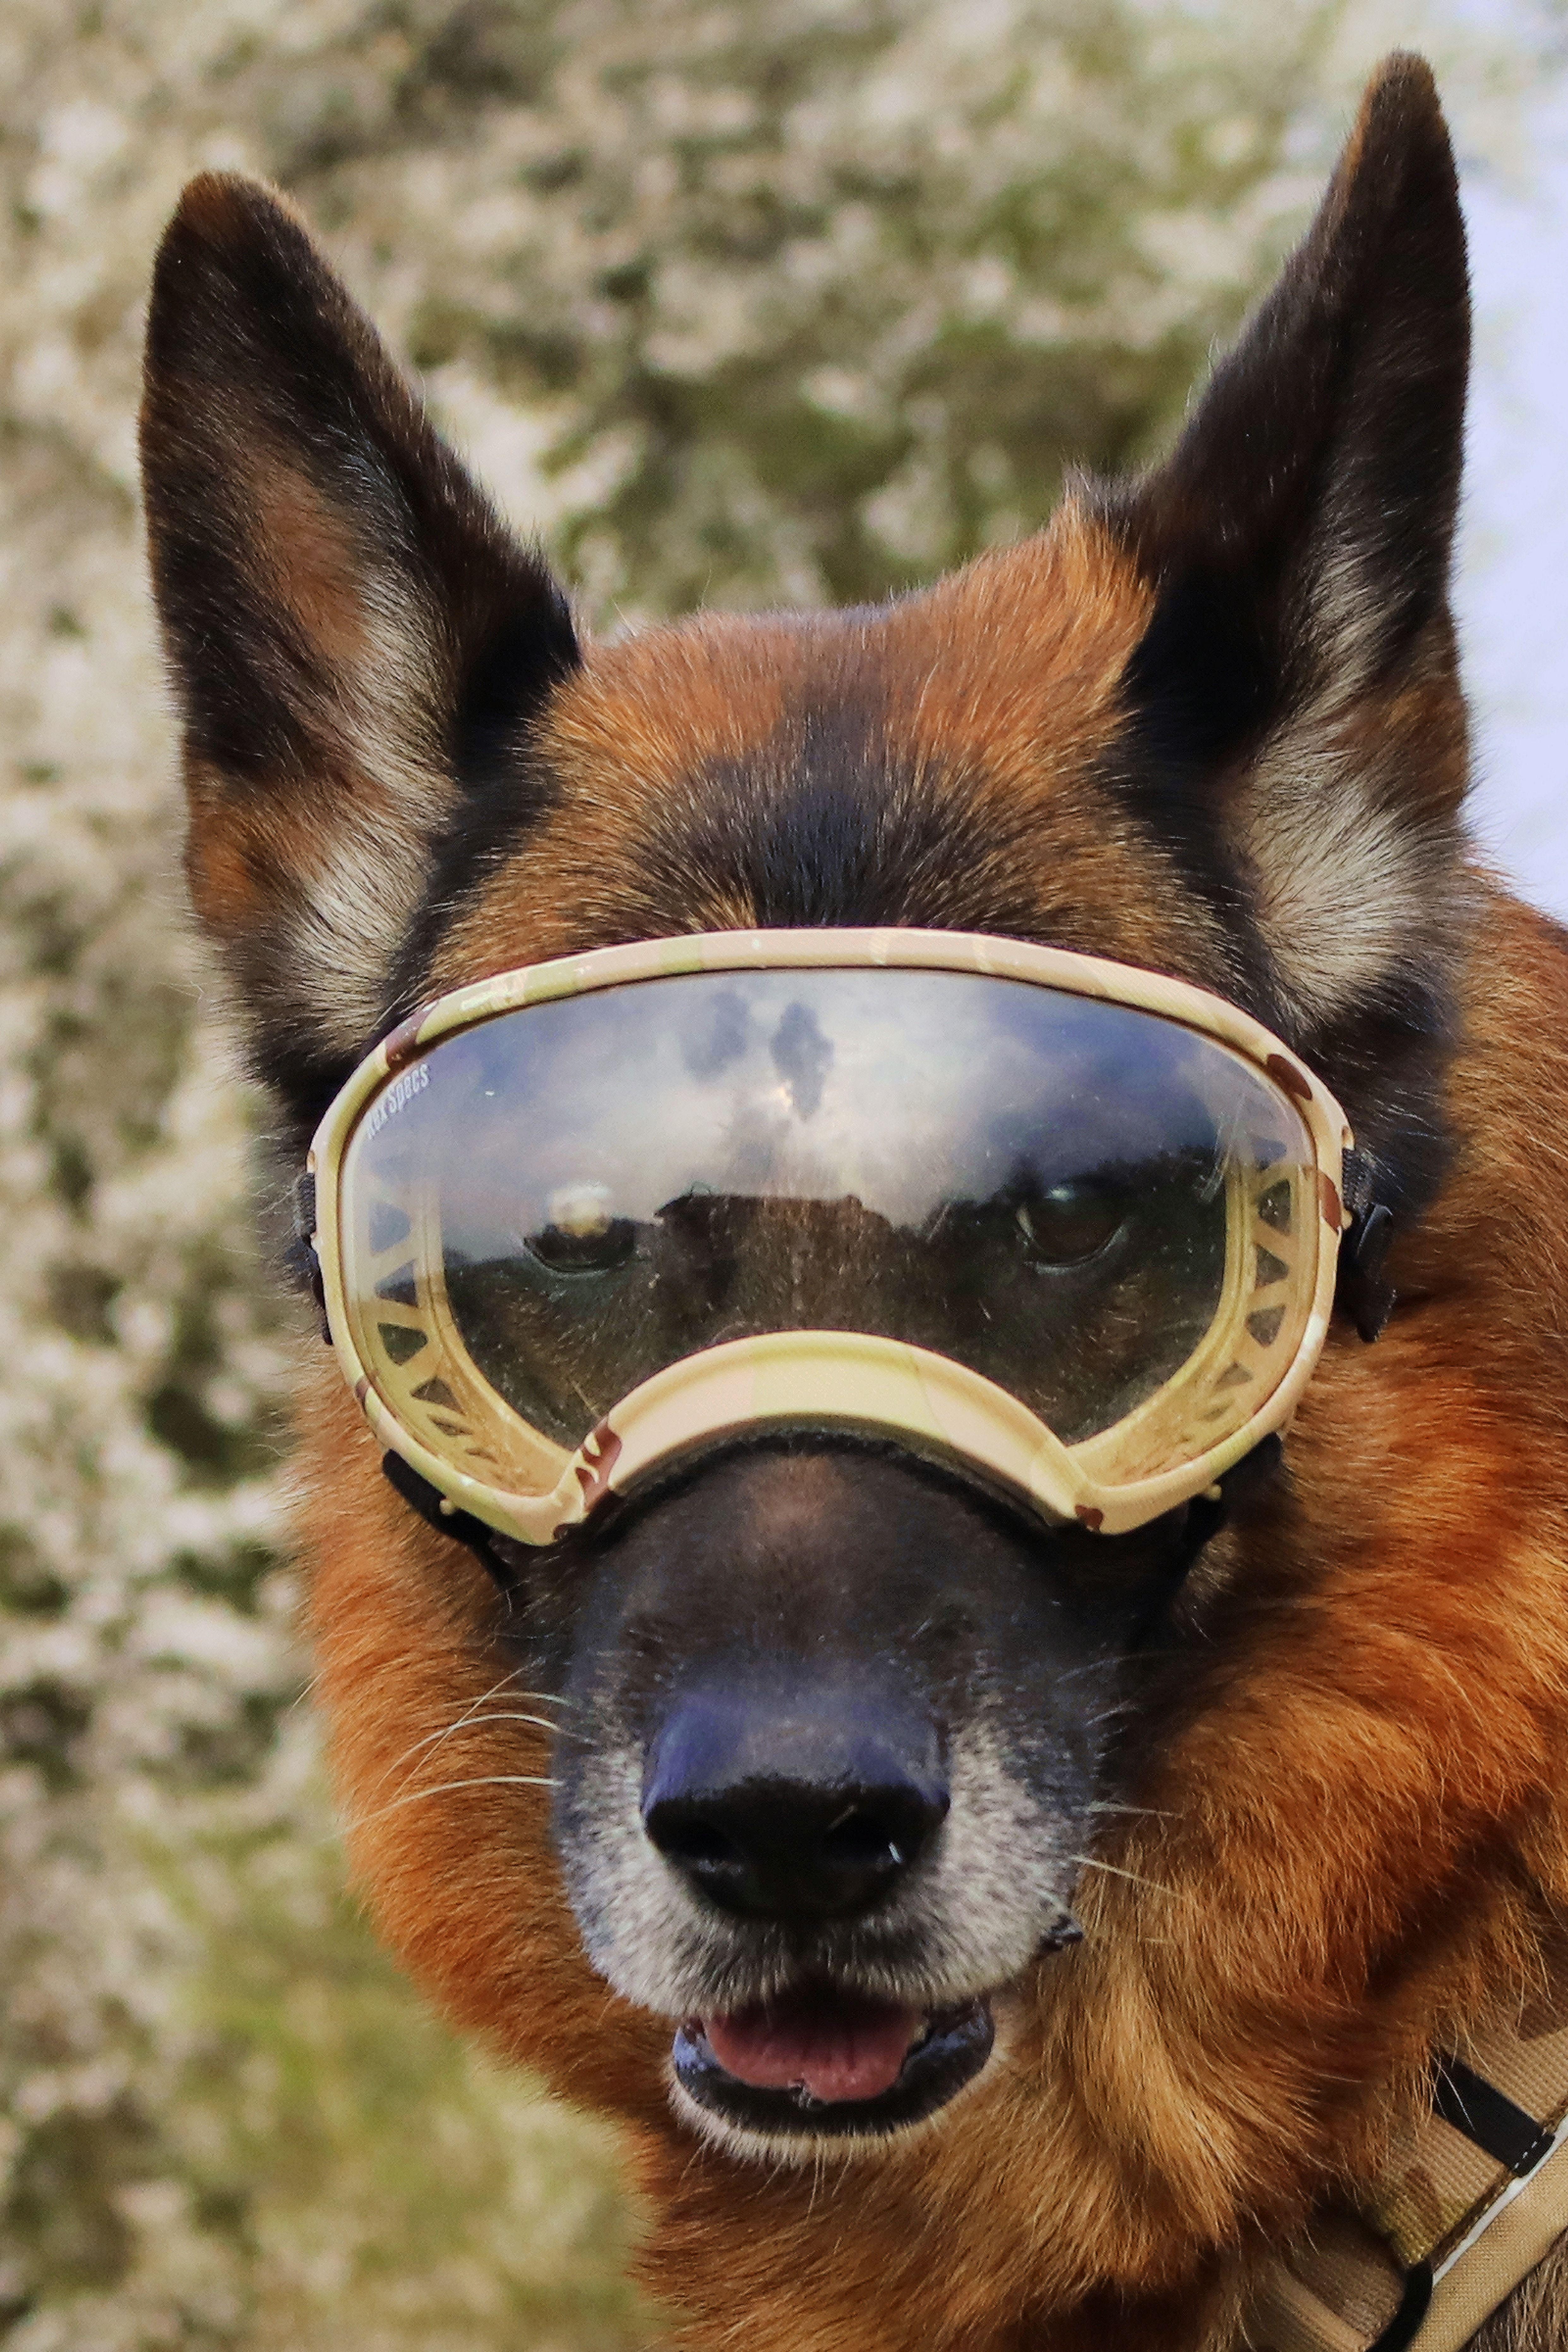 Carat Benutzt Die Rex Specs Hundebrille Bei Jeder Gassirunde